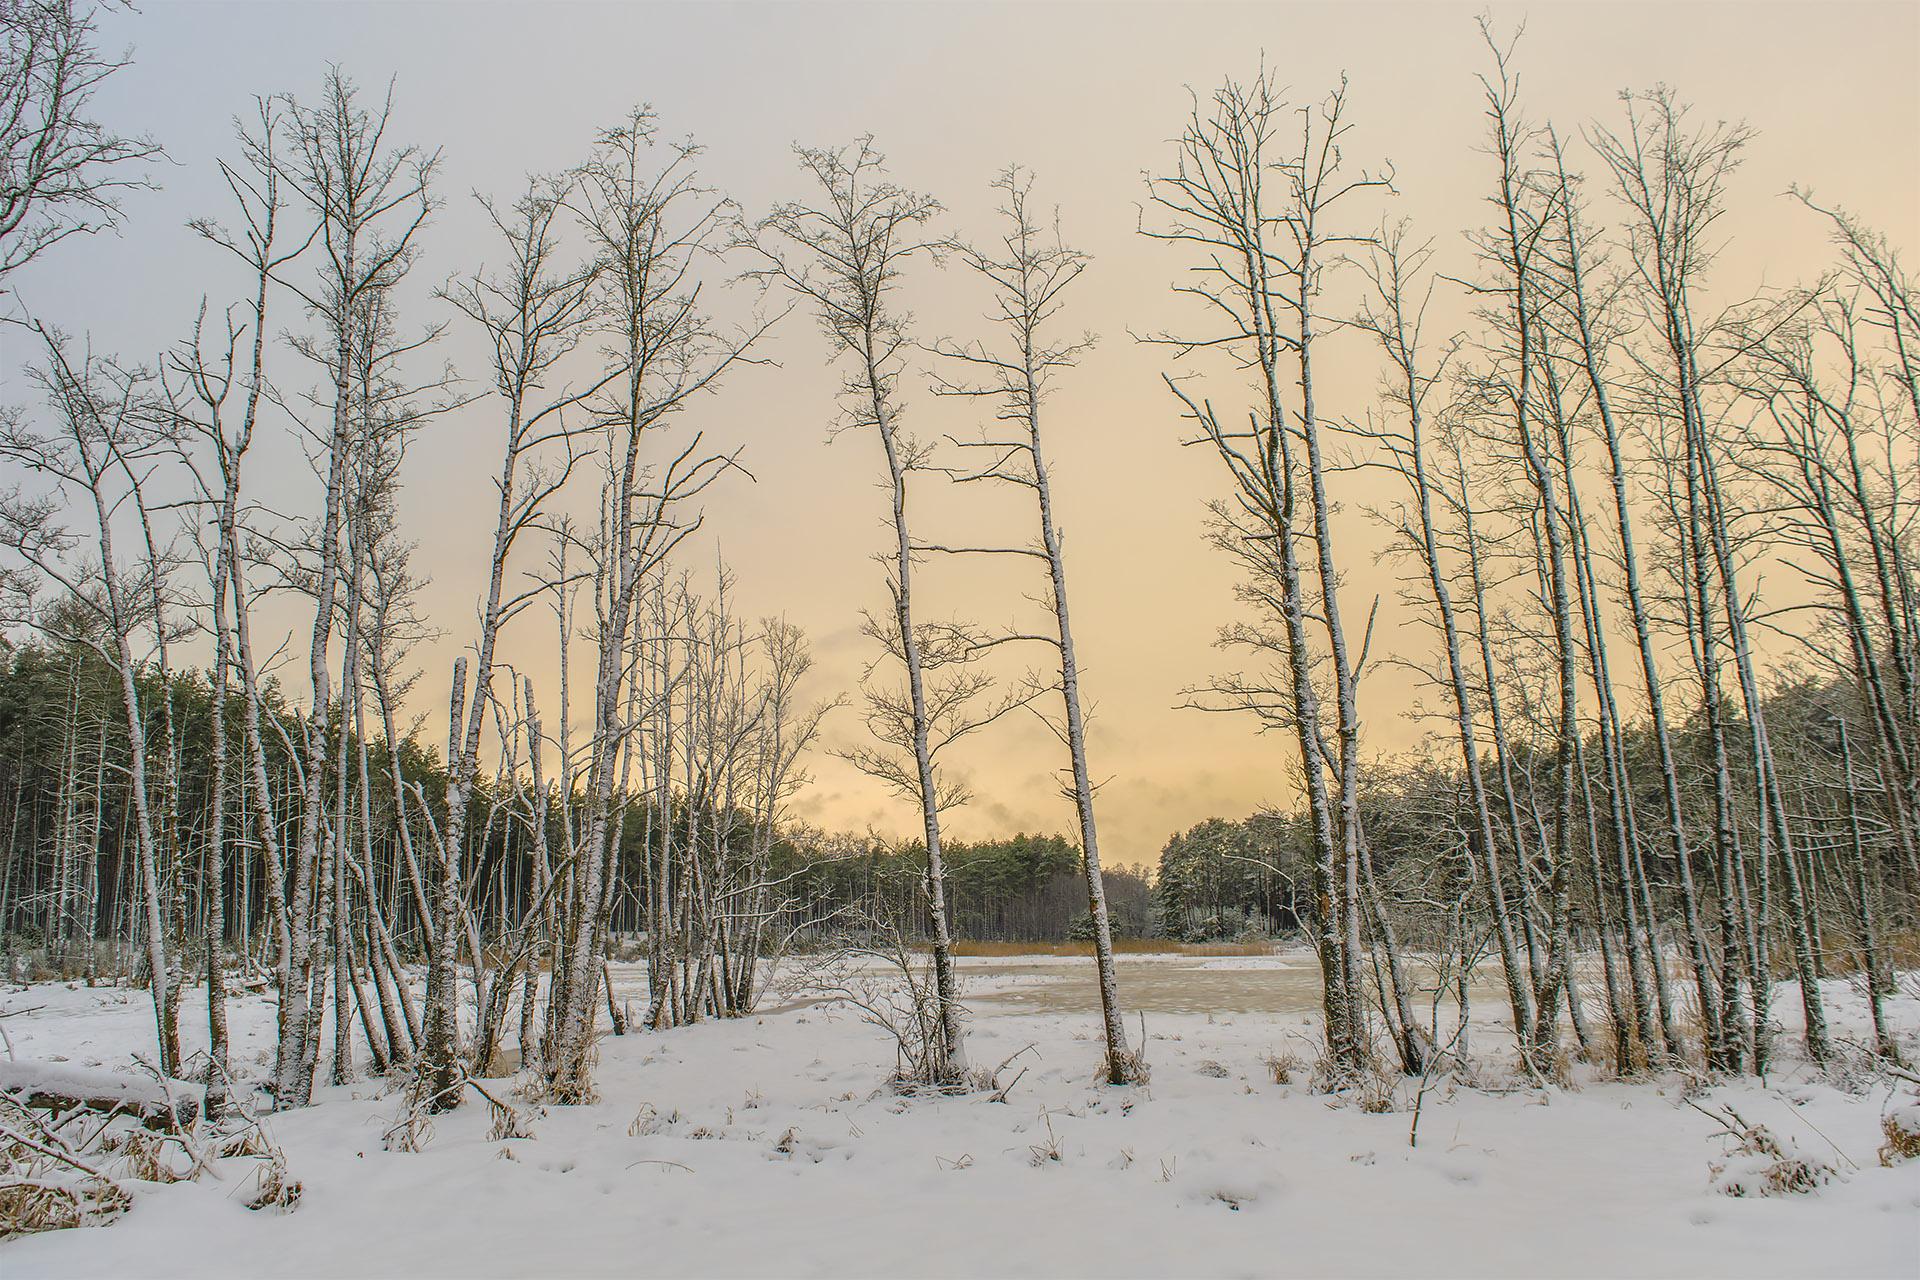 Jedno z malowniczych rozlewisk Pankawy w naprawdę zimowej scenerii. Fot. Marcin Maziarz